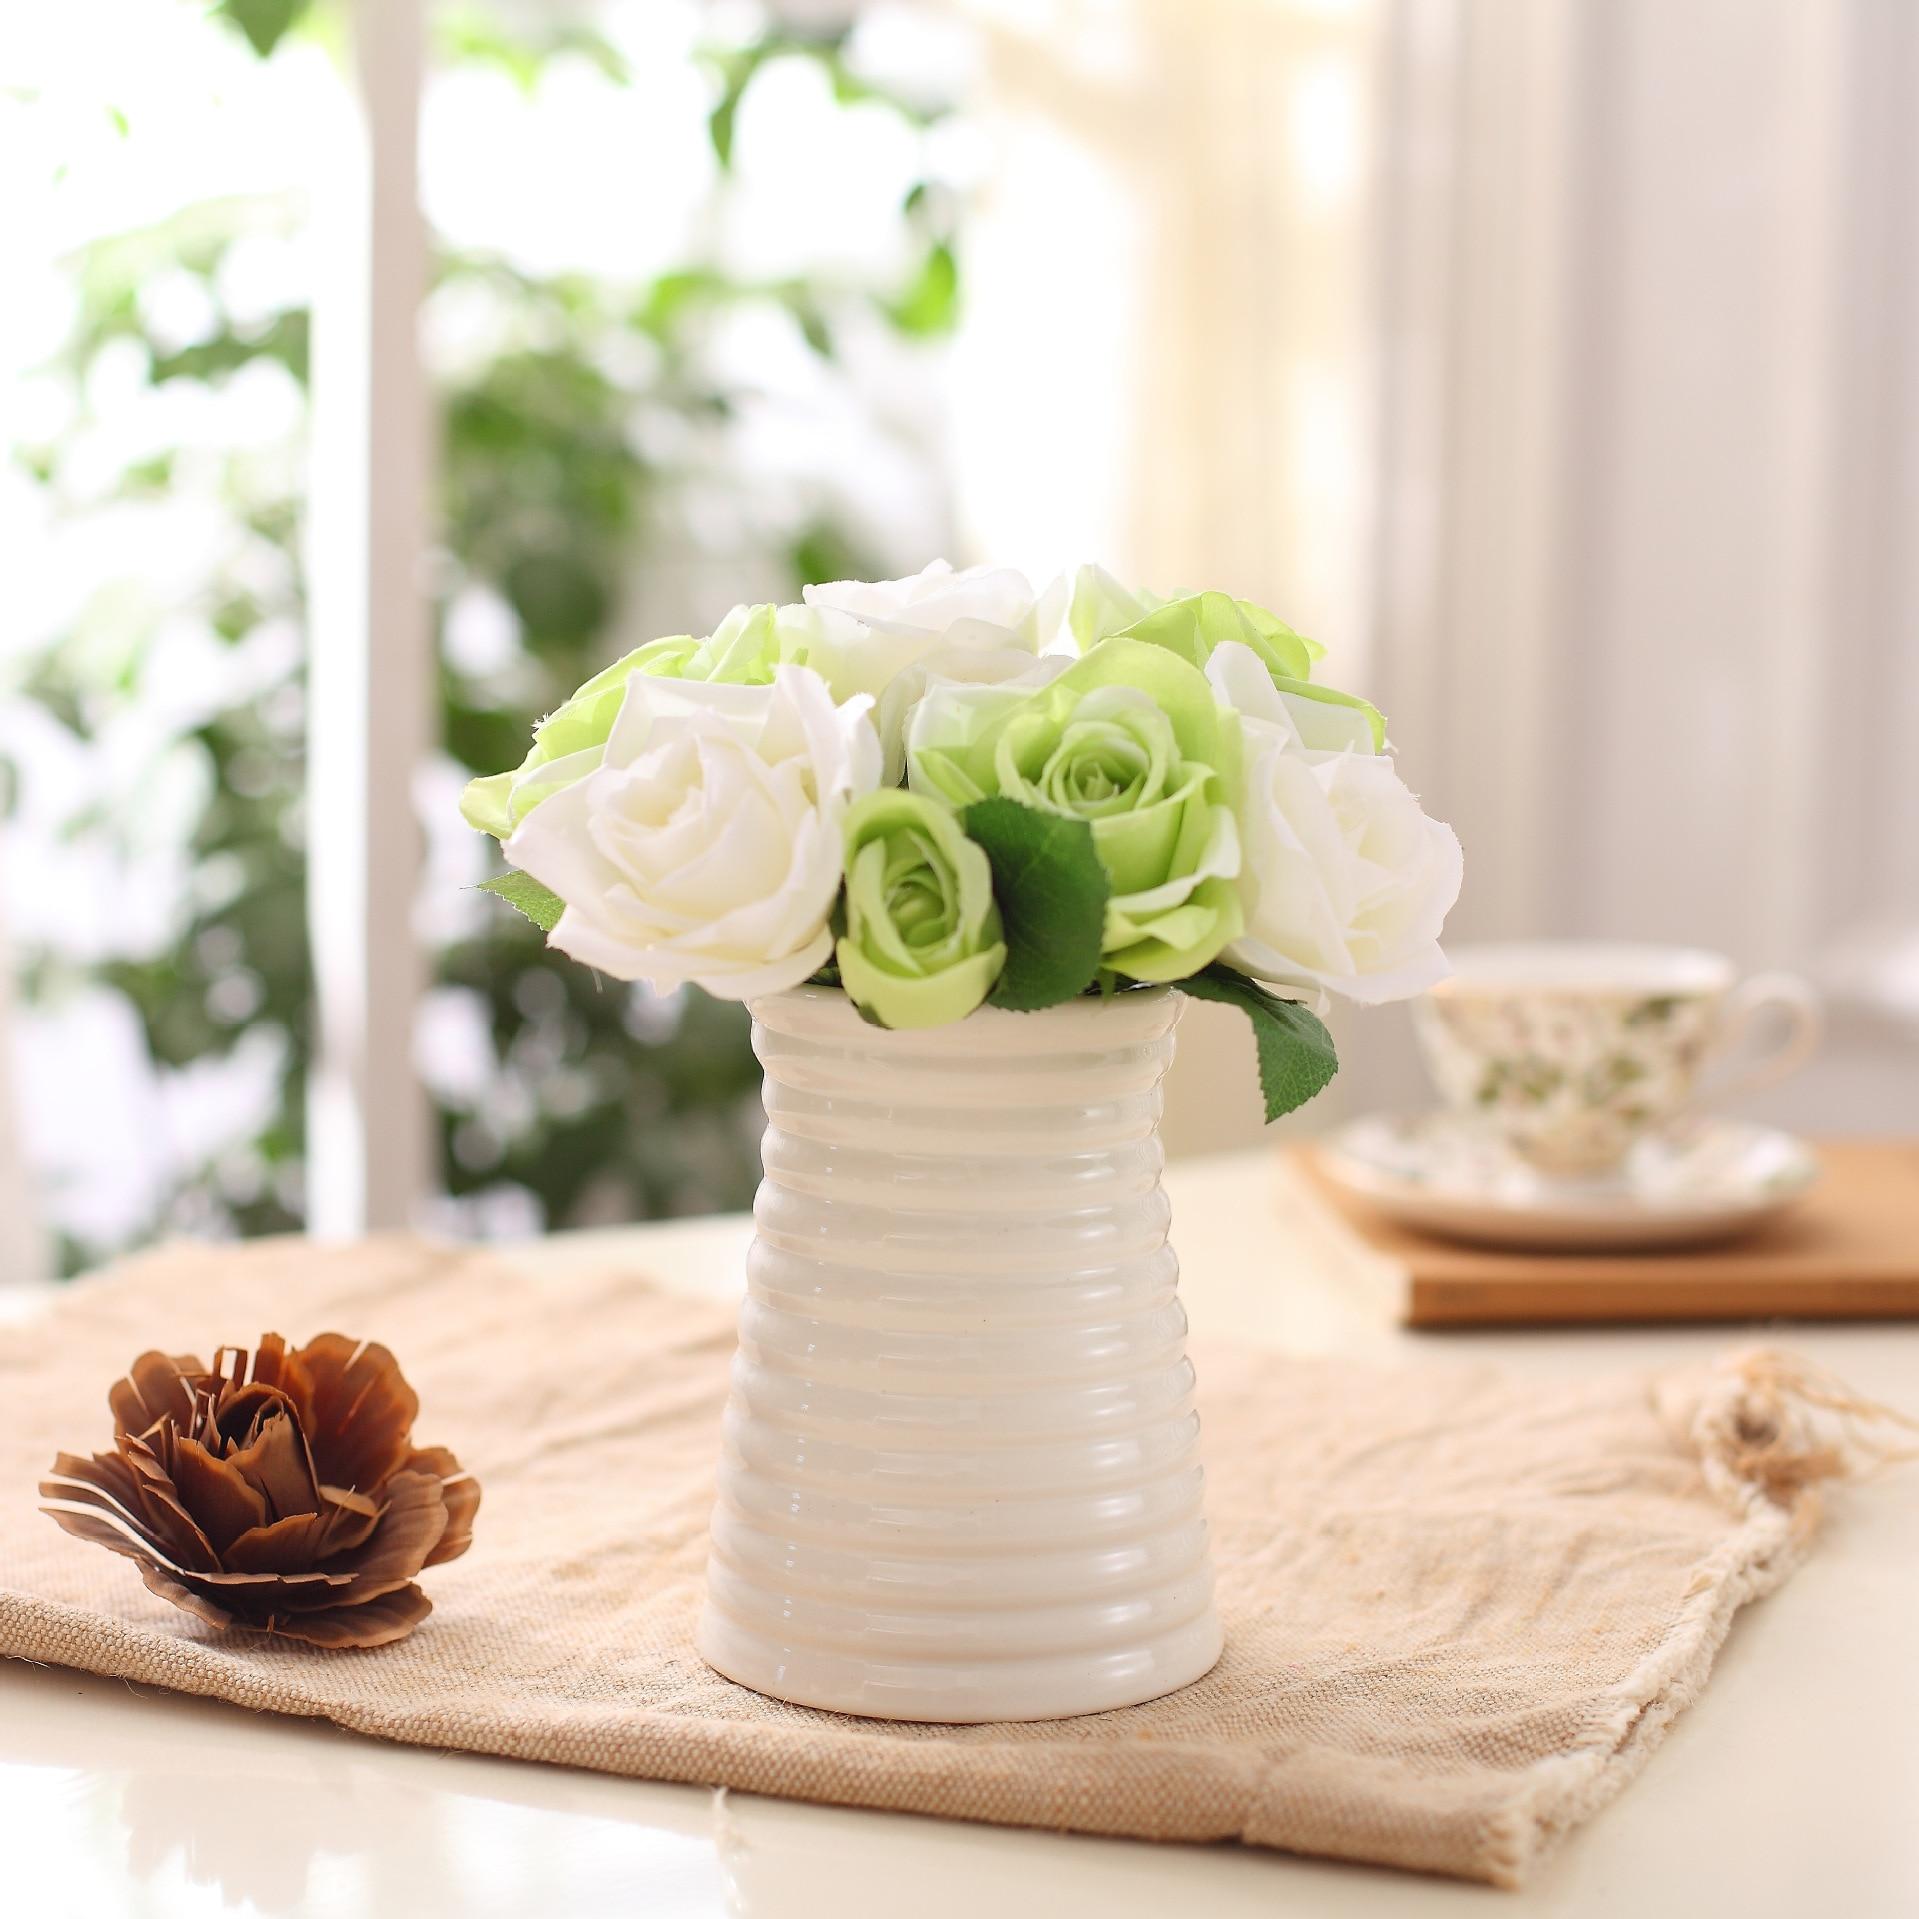 14cm bílá jednoduchá moderní keramická váza květinová řemesla vlnový vzor kreativní spirála pruhy domácí dekor bytové ozdoby